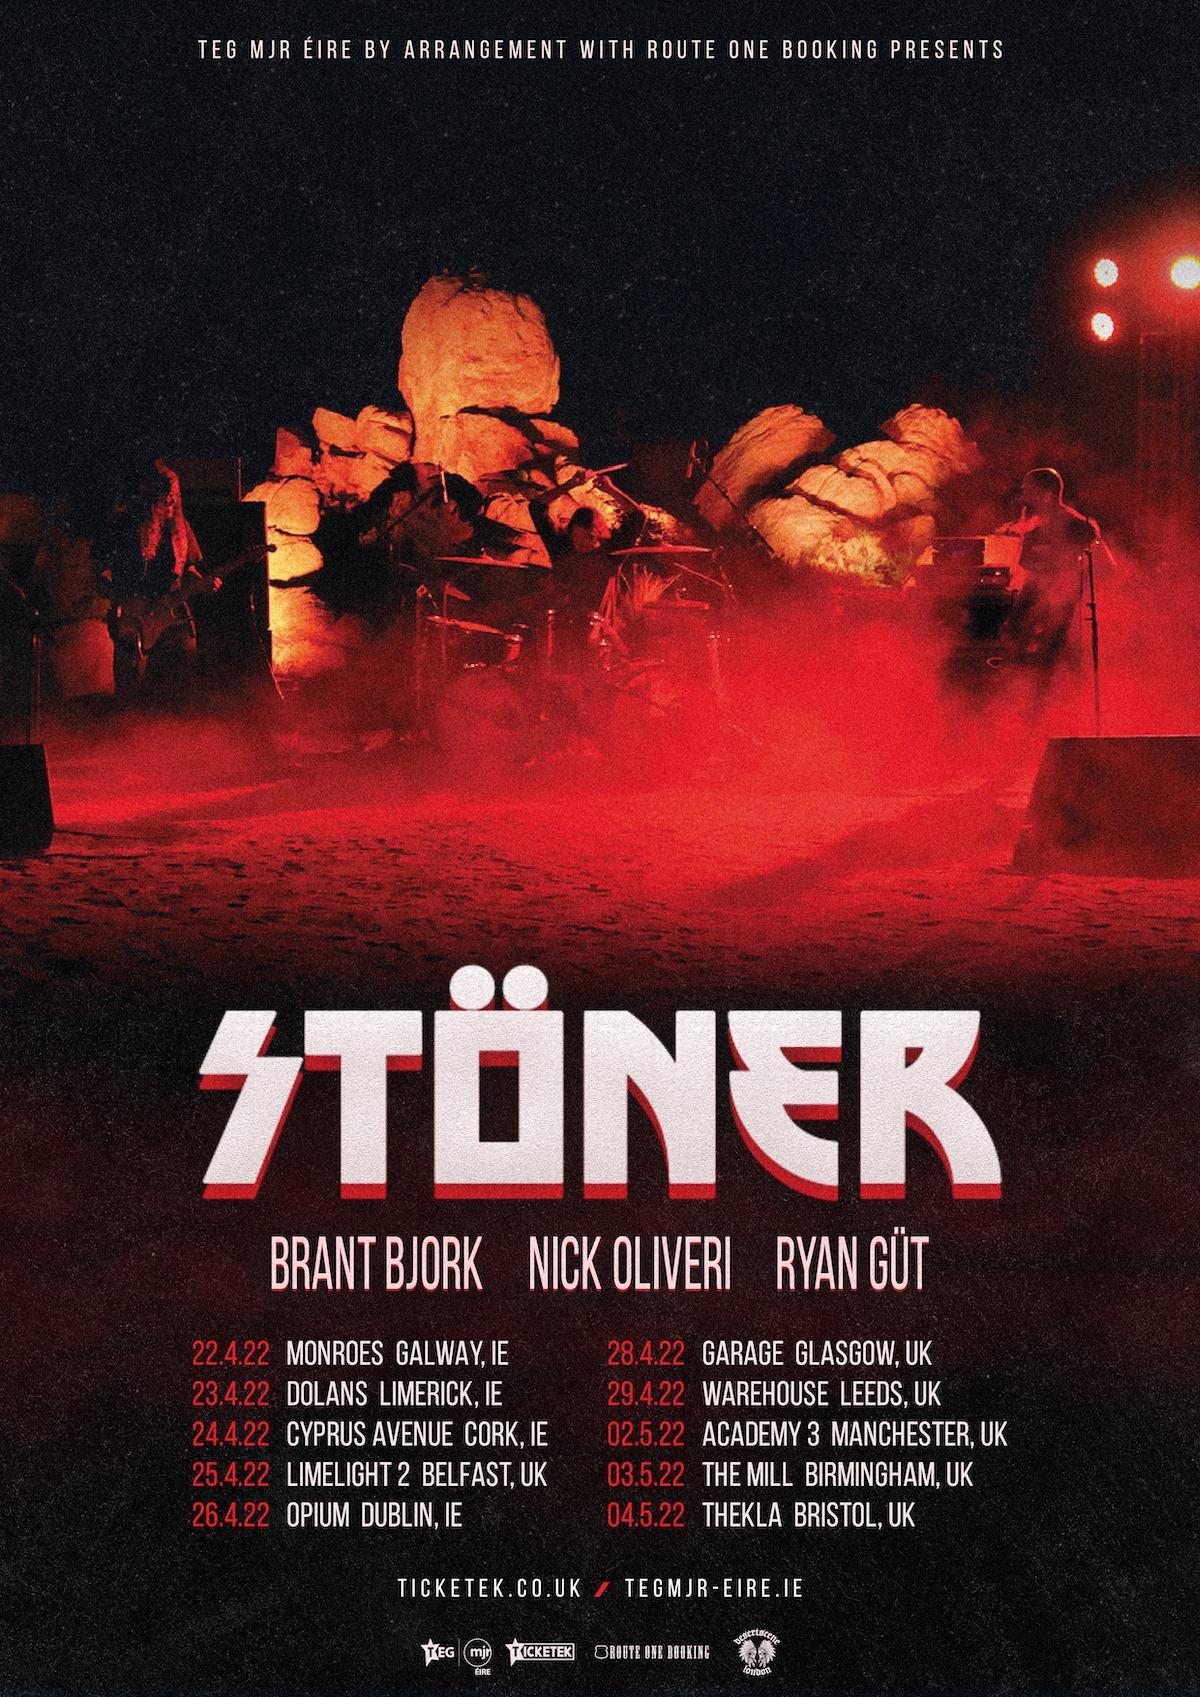 stoner uk ireland tour dates